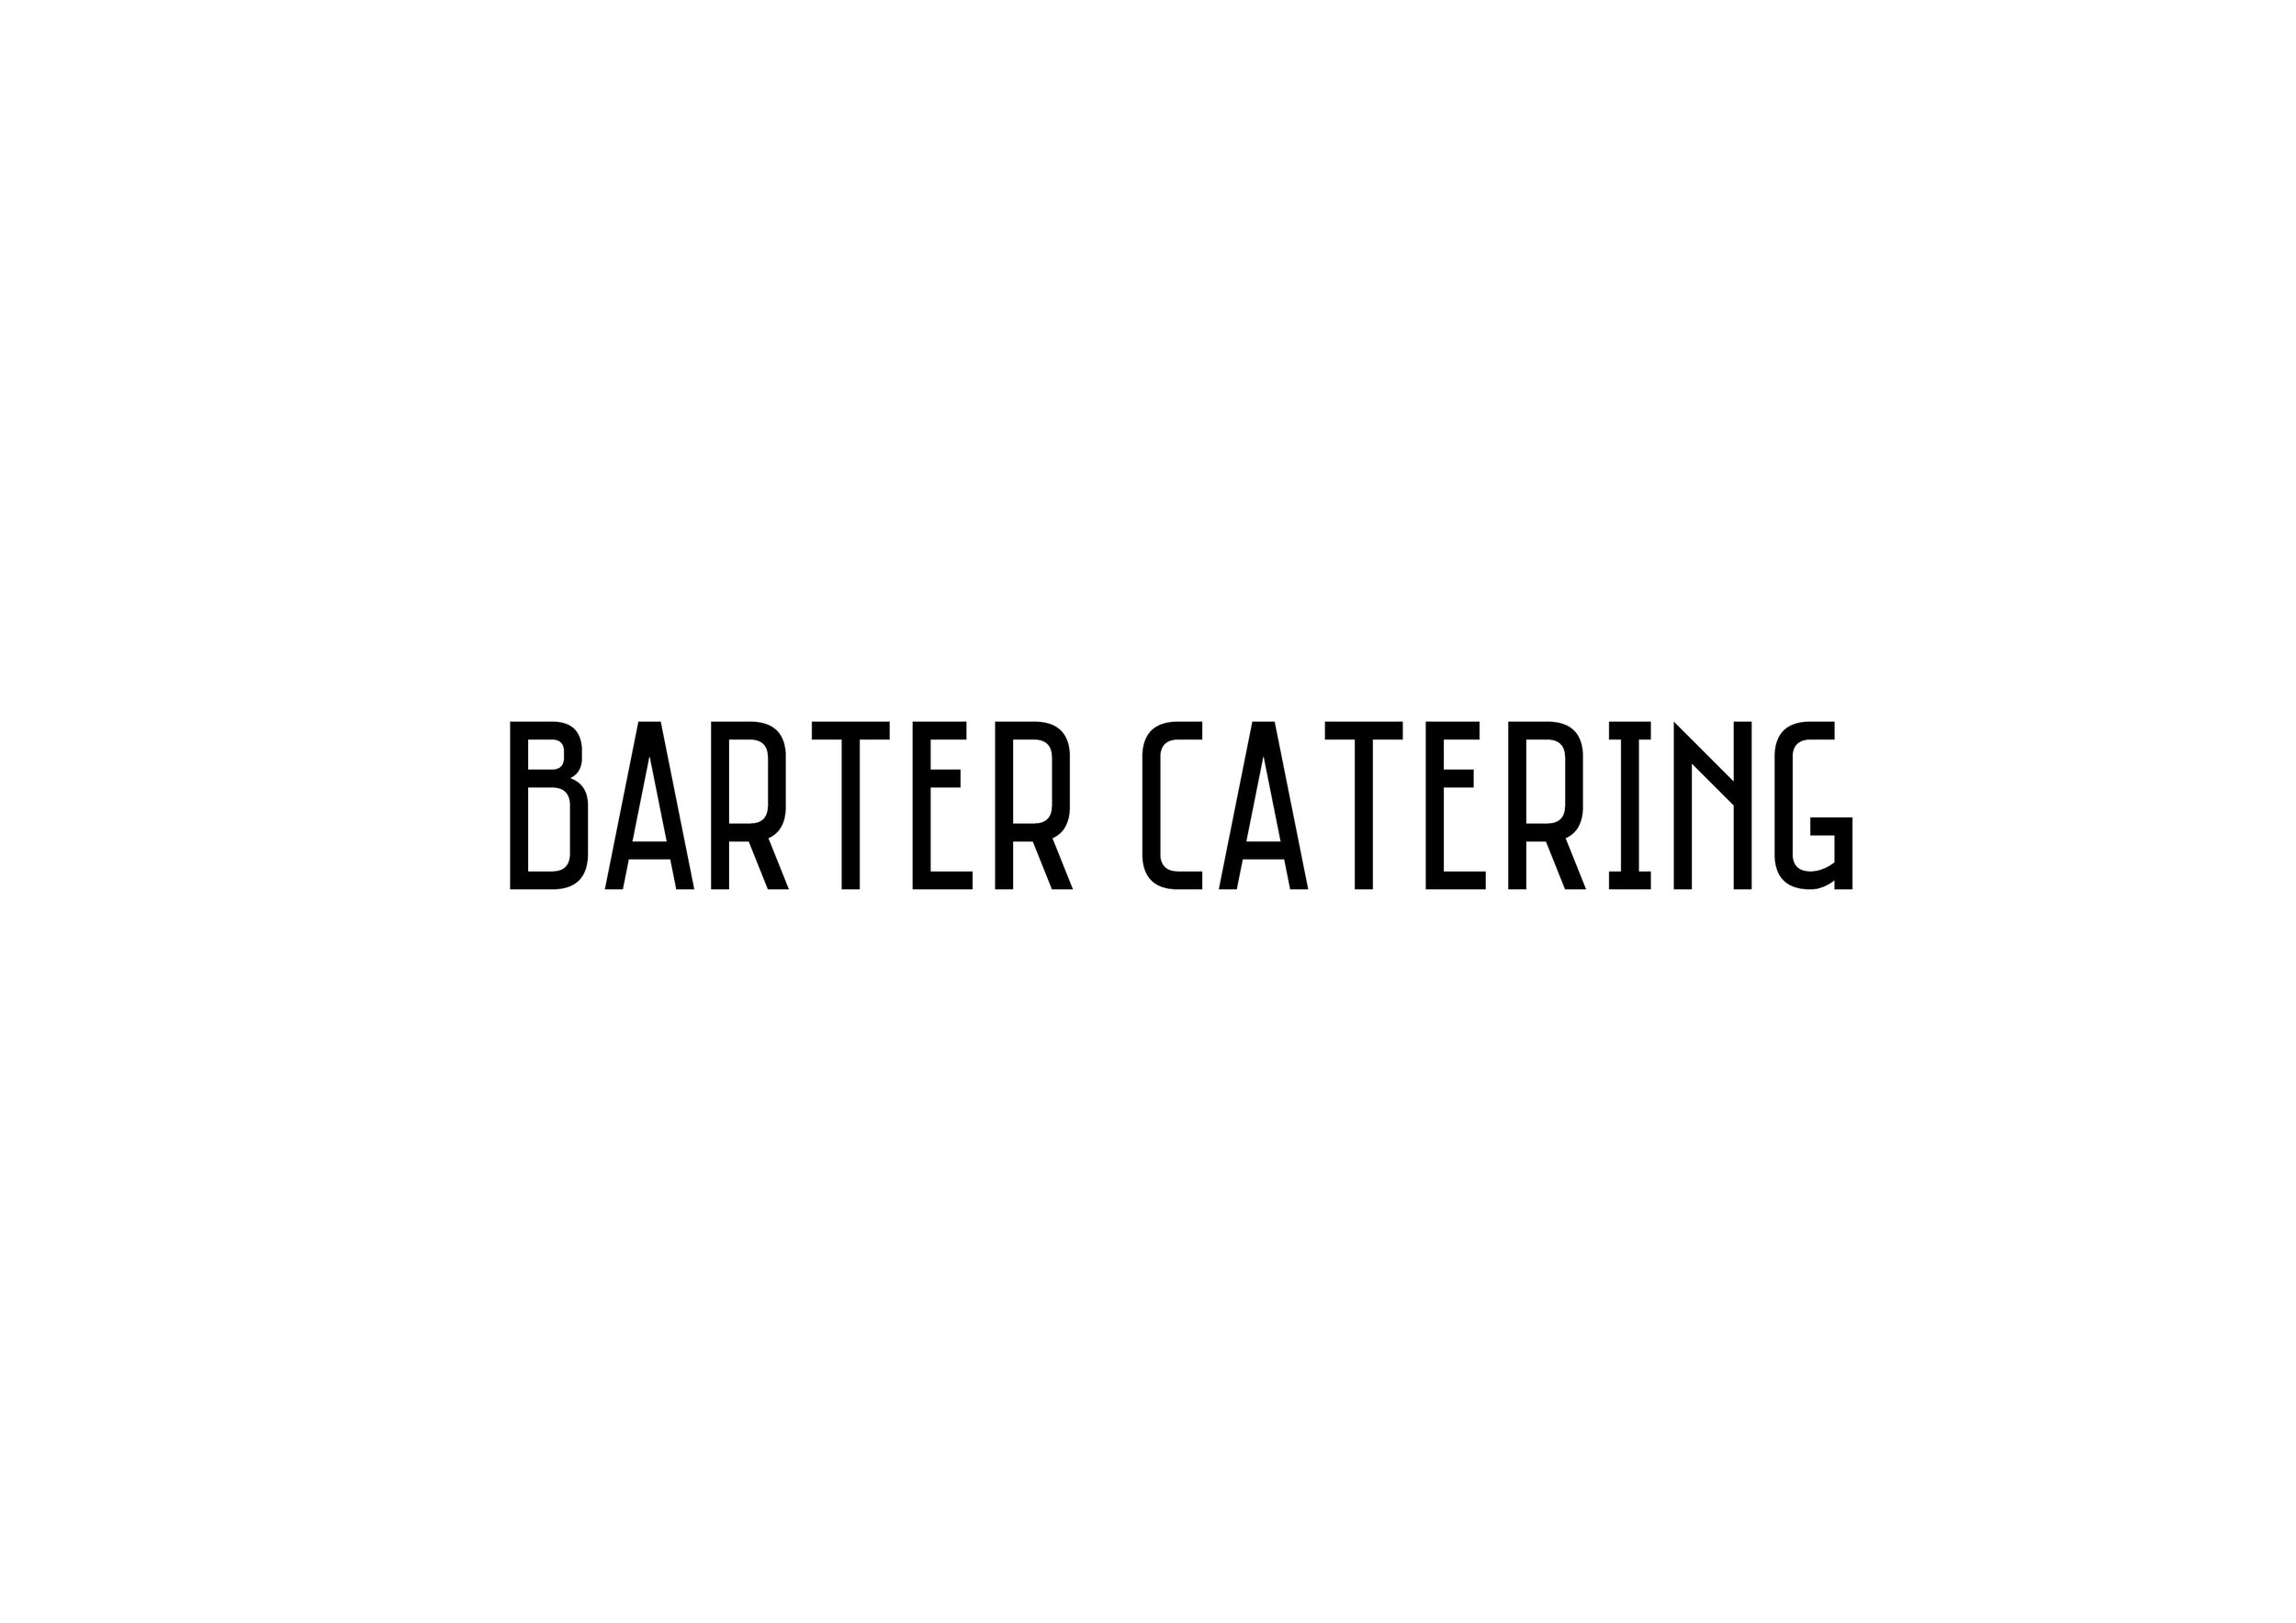 barter catering.jpg